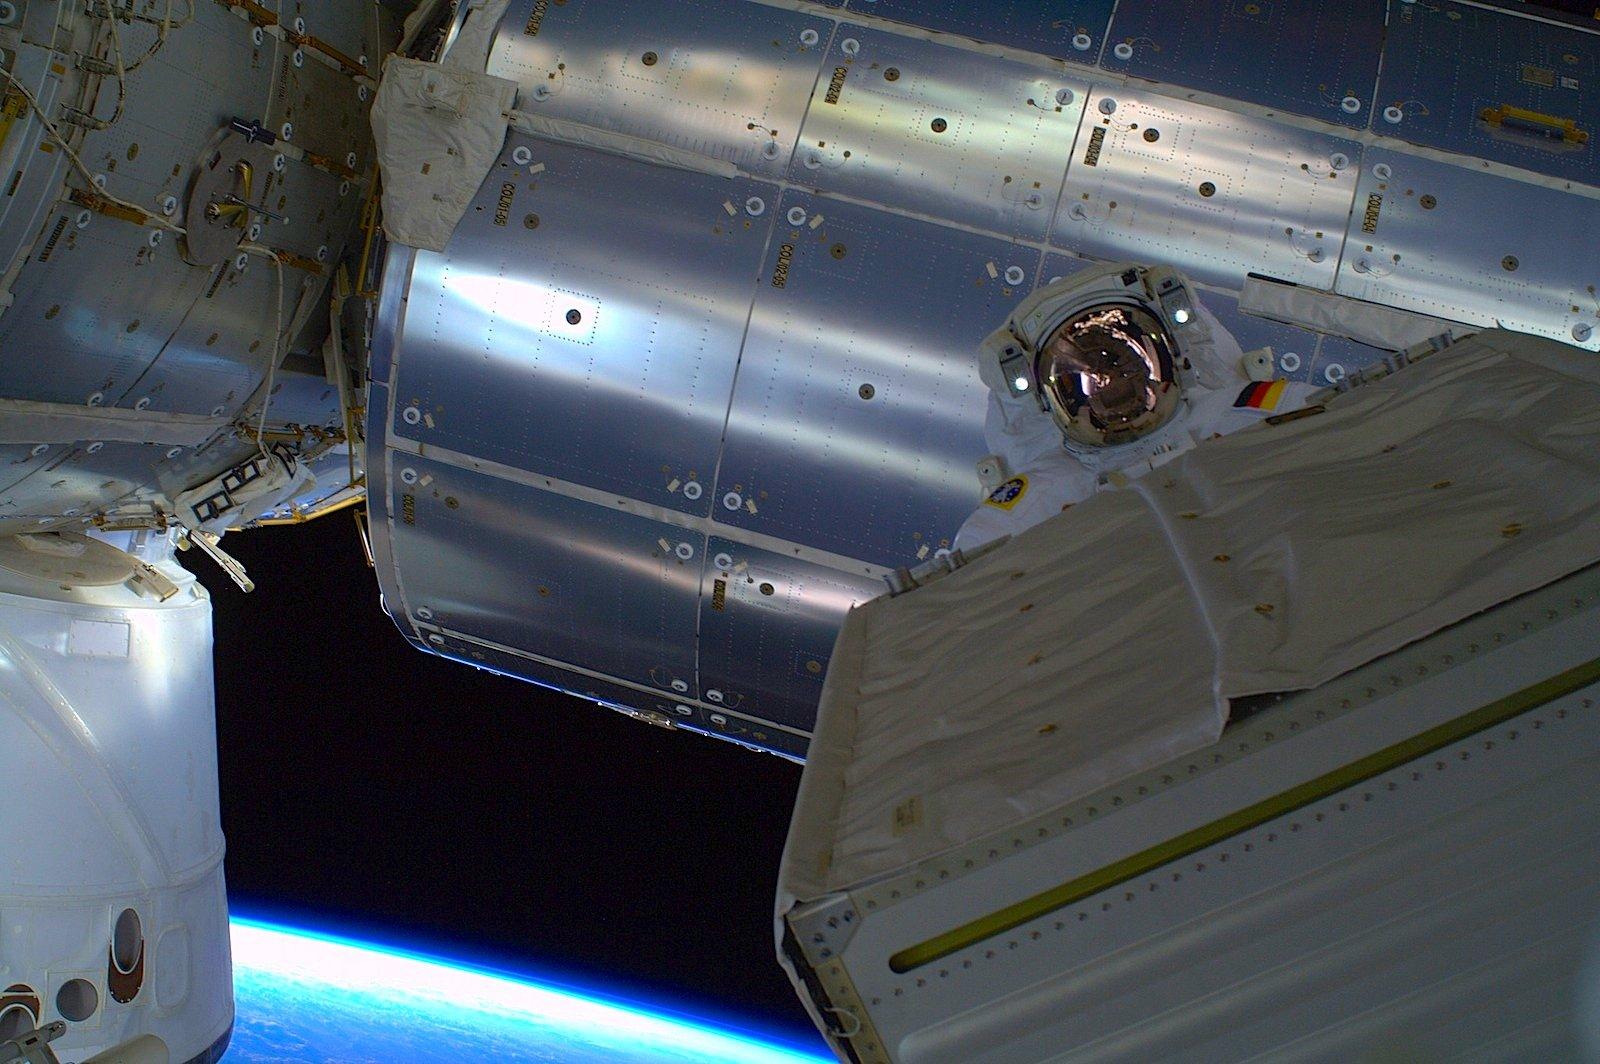 Von wegen Spaziergang: Für Alexander Gerst gab es einiges zu tun. An der Raumstation mussten dringend notwendige Montagearbeiten erledigt werden.